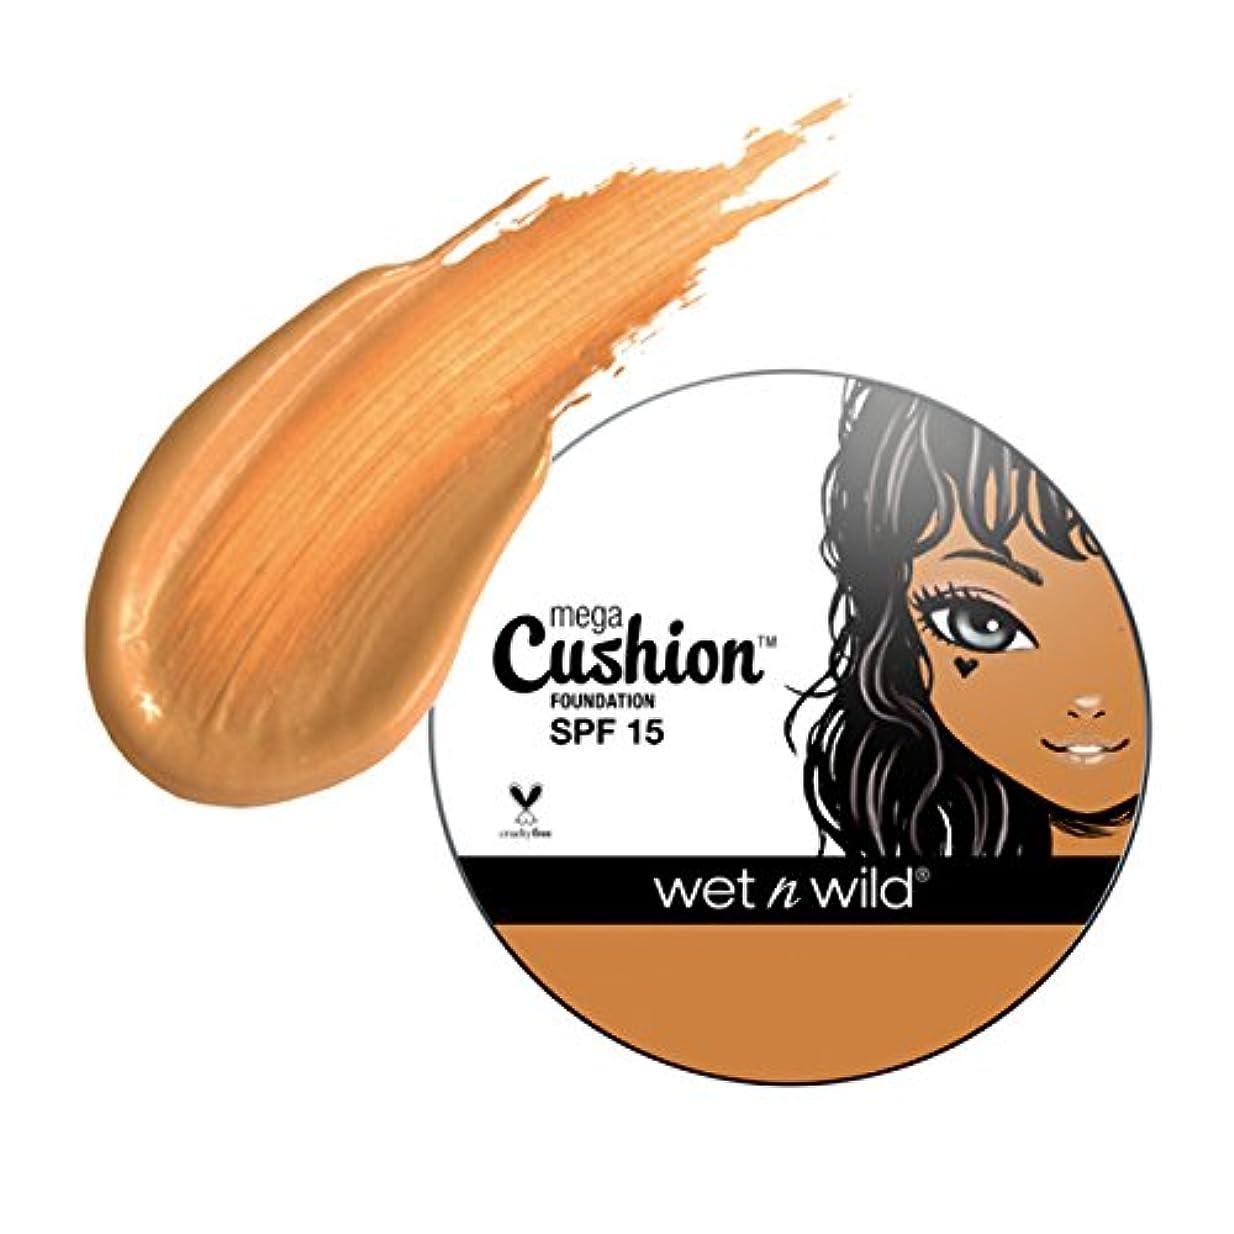 くちばし感性挨拶(6 Pack) WET N WILD MegaCushion Foundation SPF 15 - Tawny (並行輸入品)